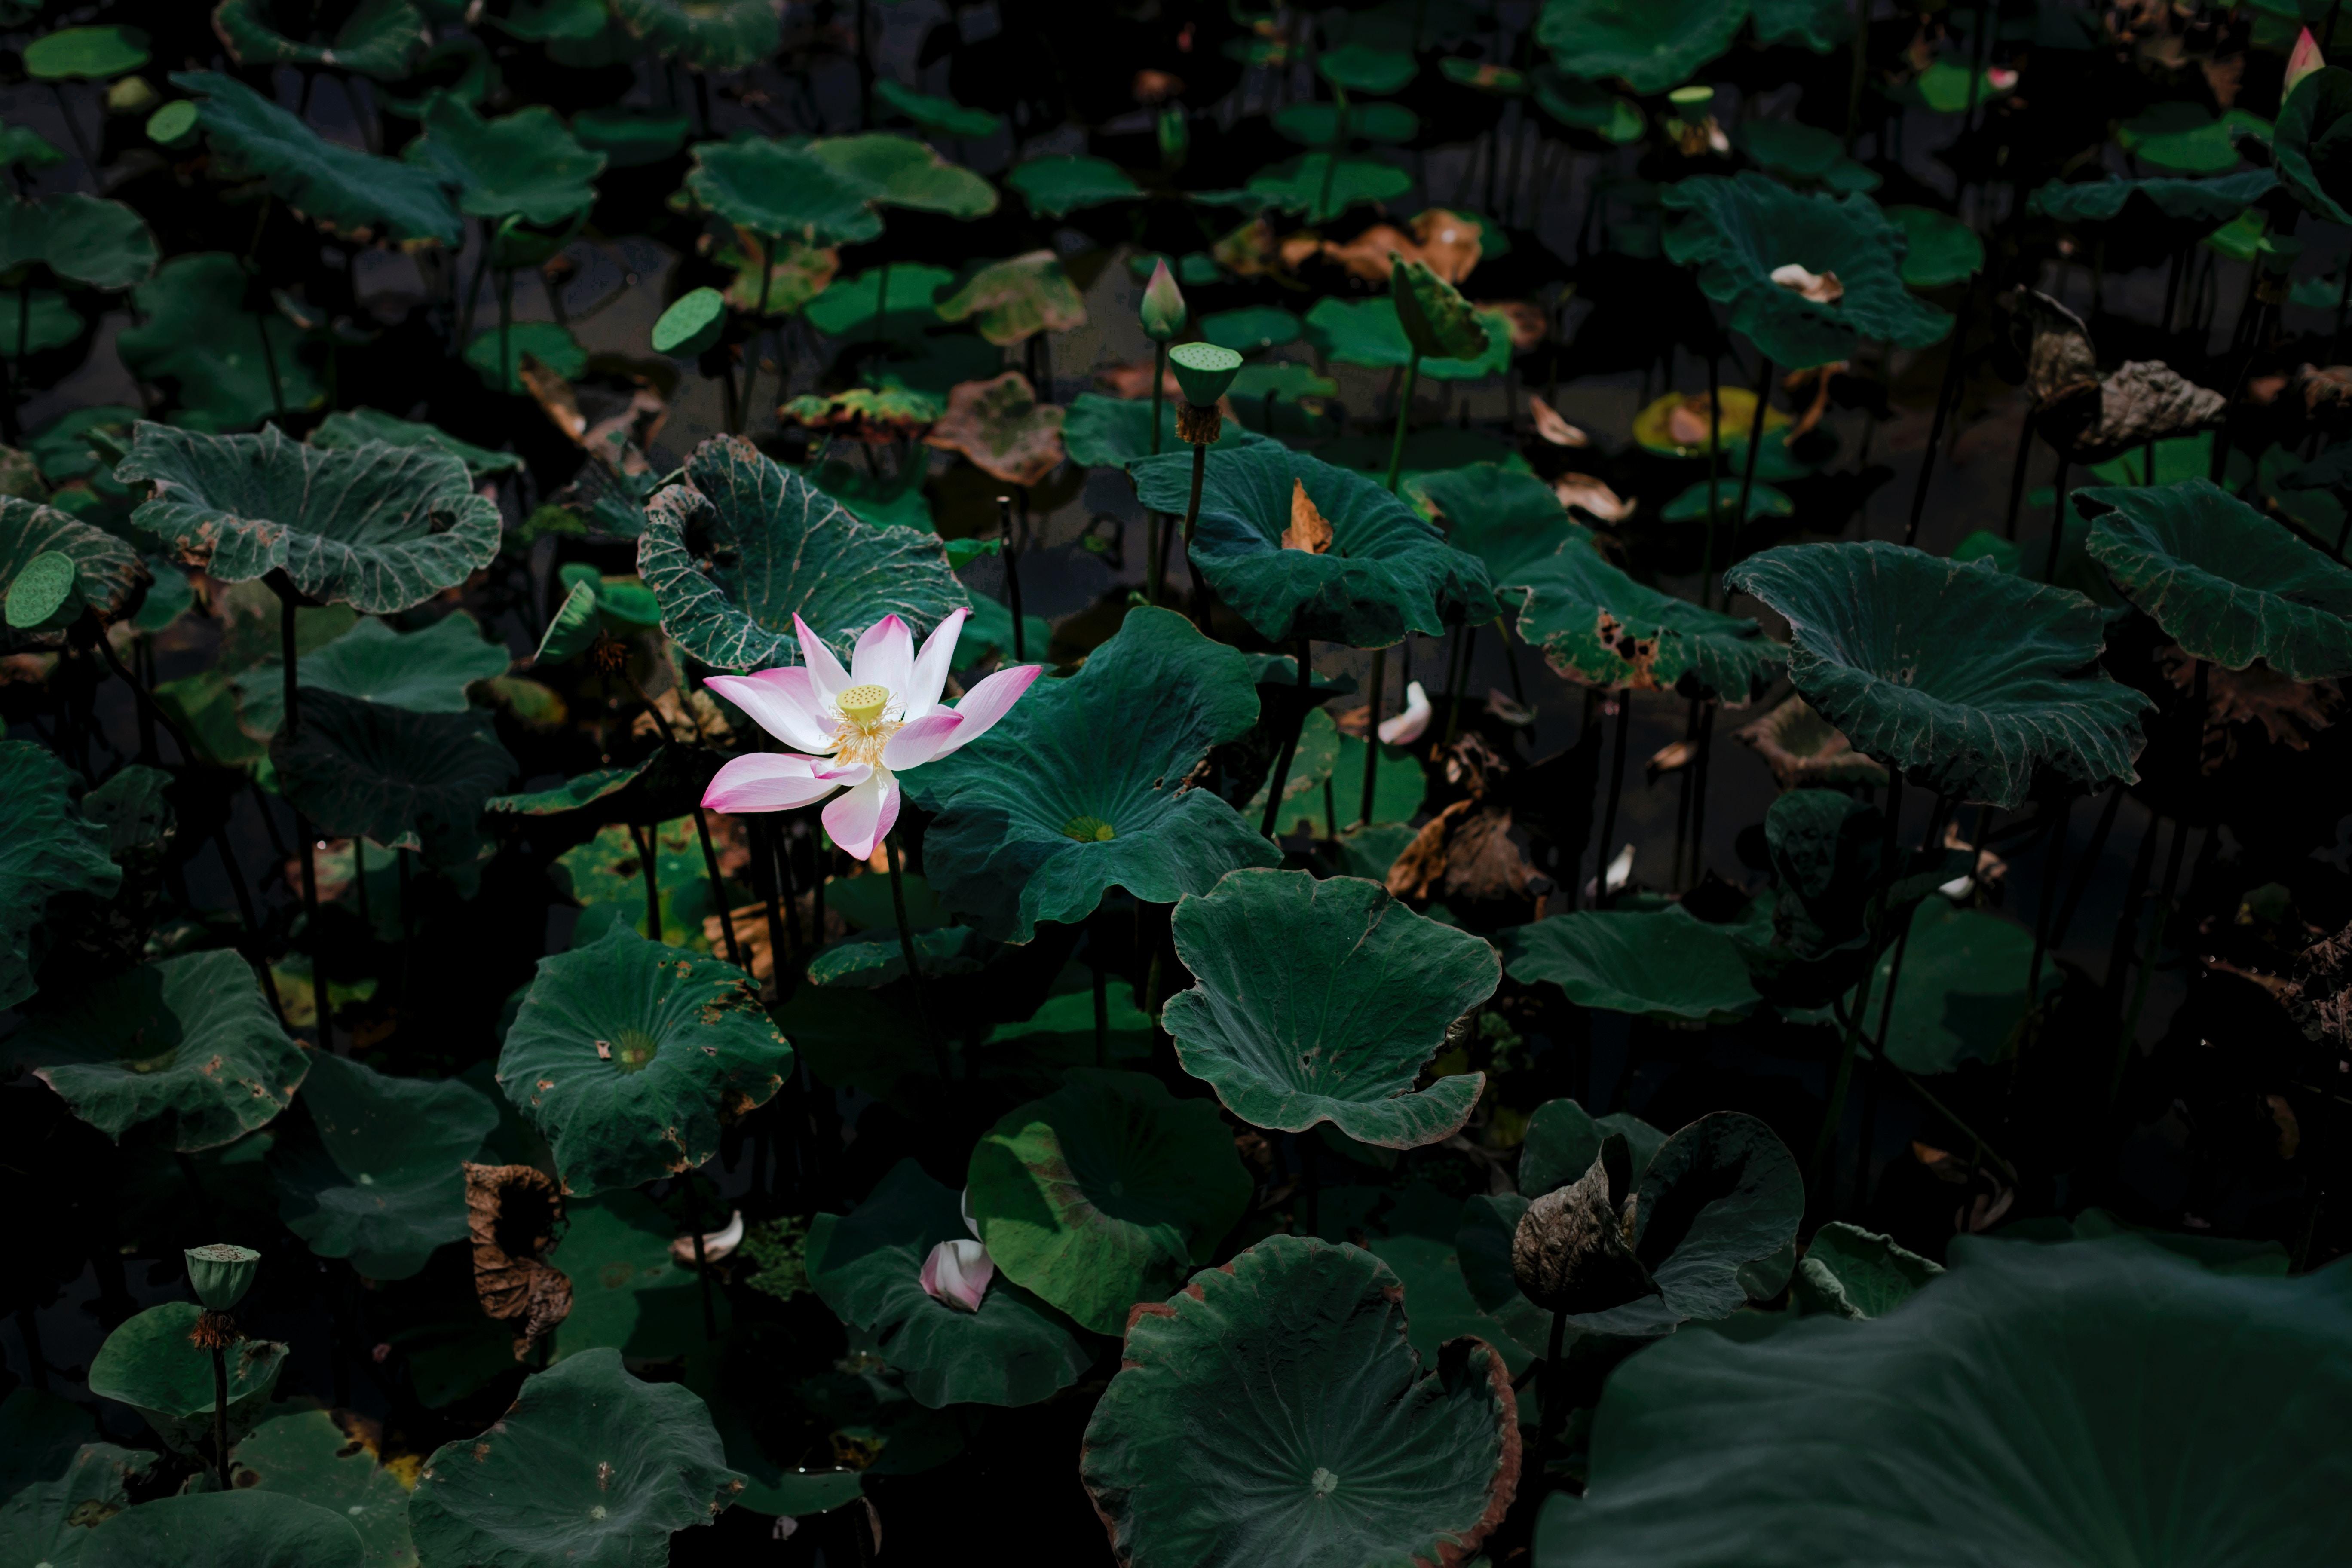 101425 Hintergrundbild 240x400 kostenlos auf deinem Handy, lade Bilder Blumen, Blätter, Lotus, See, Blume 240x400 auf dein Handy herunter